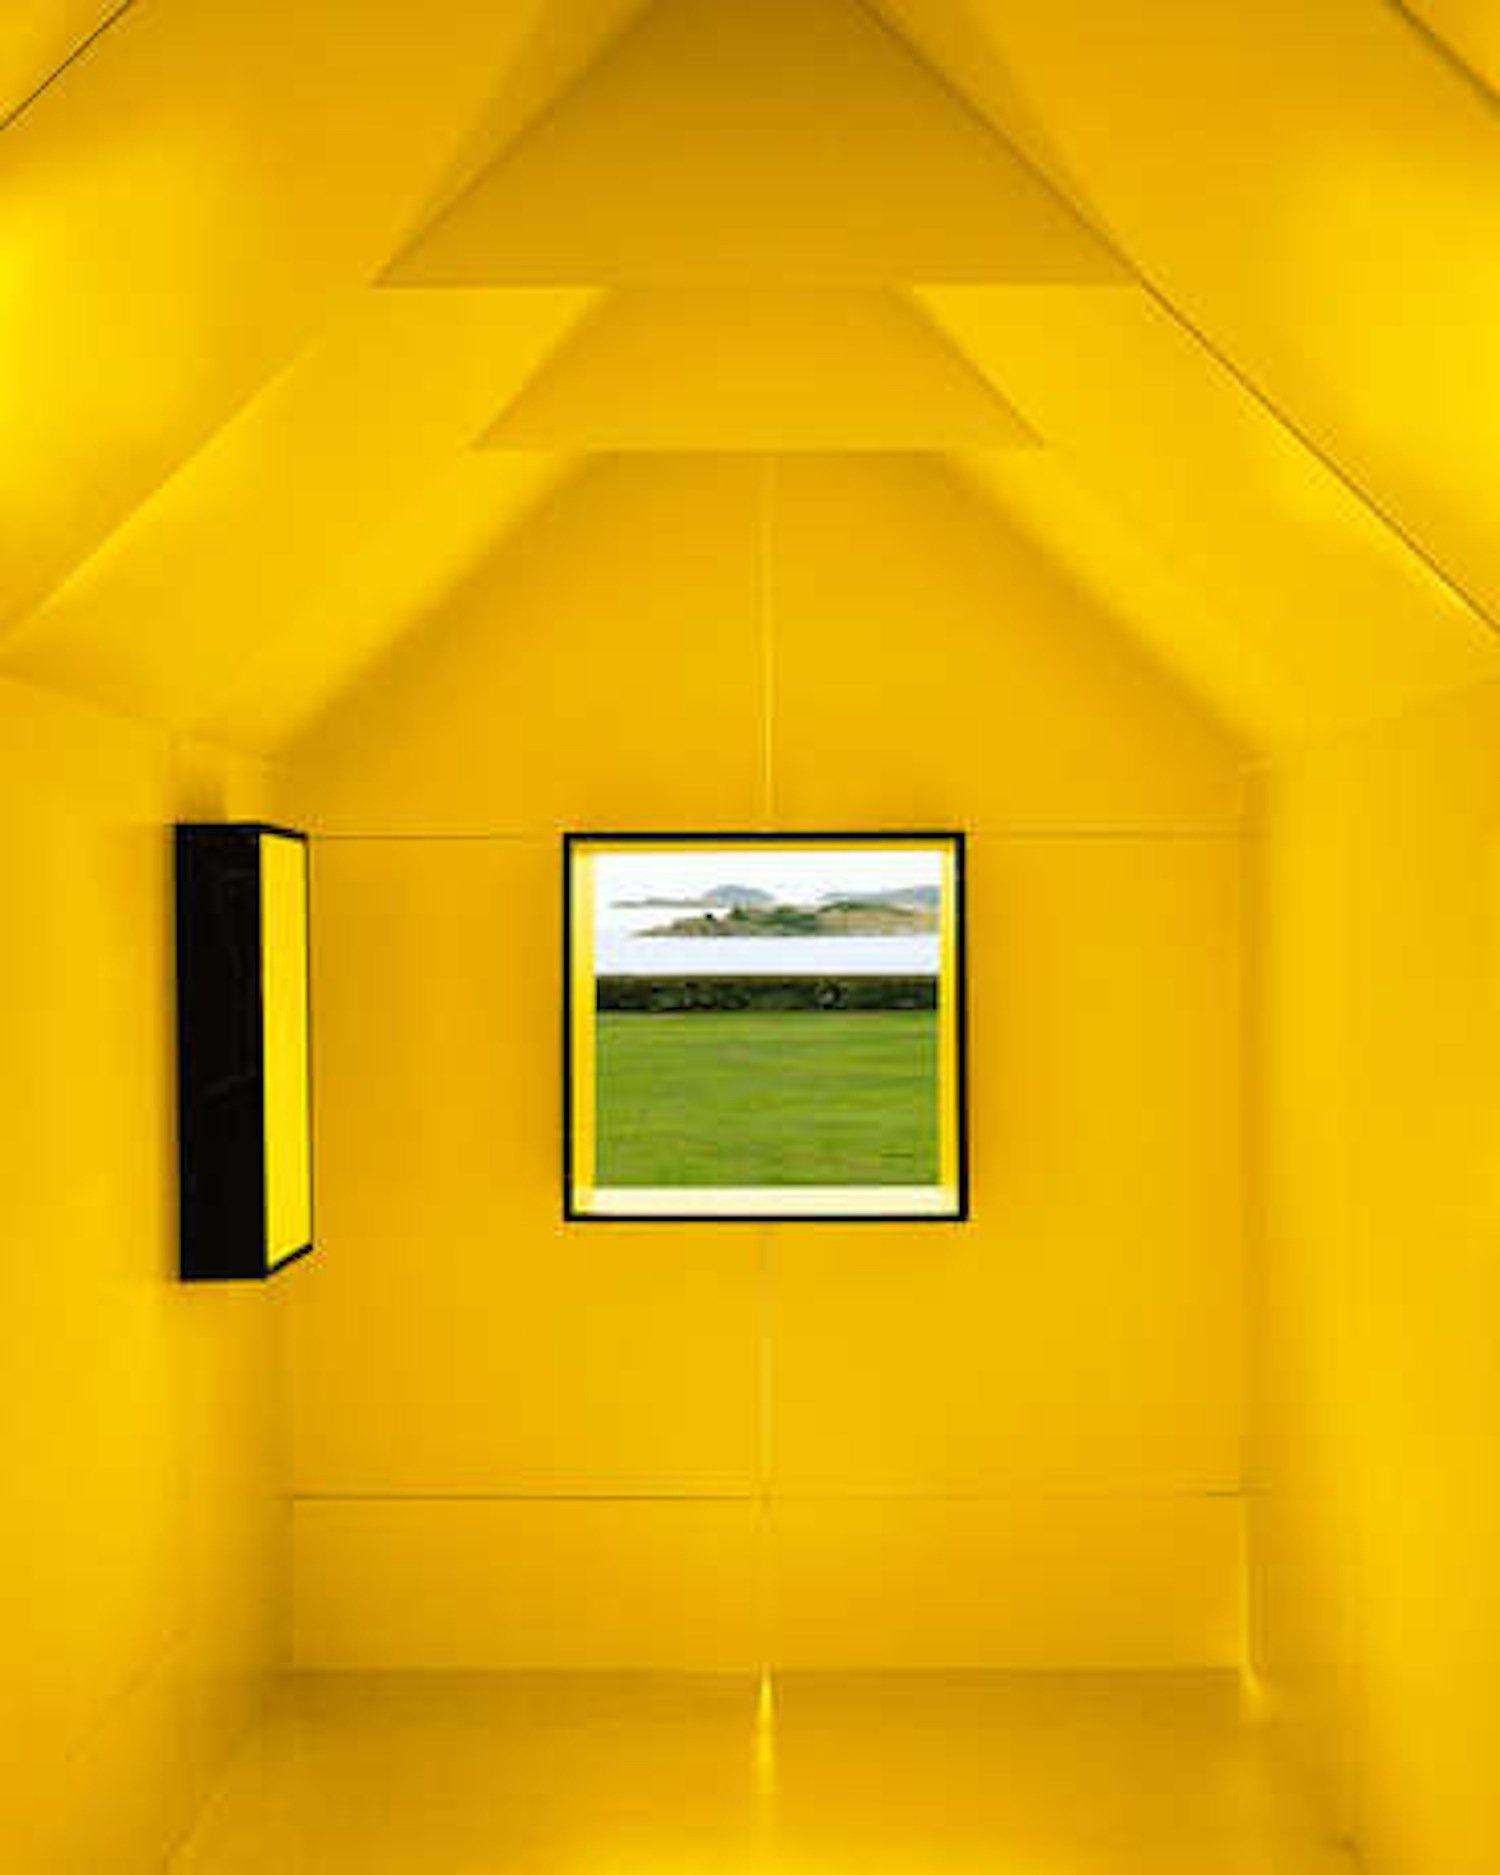 Das Innere des Papierhauses erstrahlt in einem warmen Gelb. Die 7,3 Quadratmeter große Chameleon Cabin soll vorrangig auf Verpackungsmessen zu sehen sein.